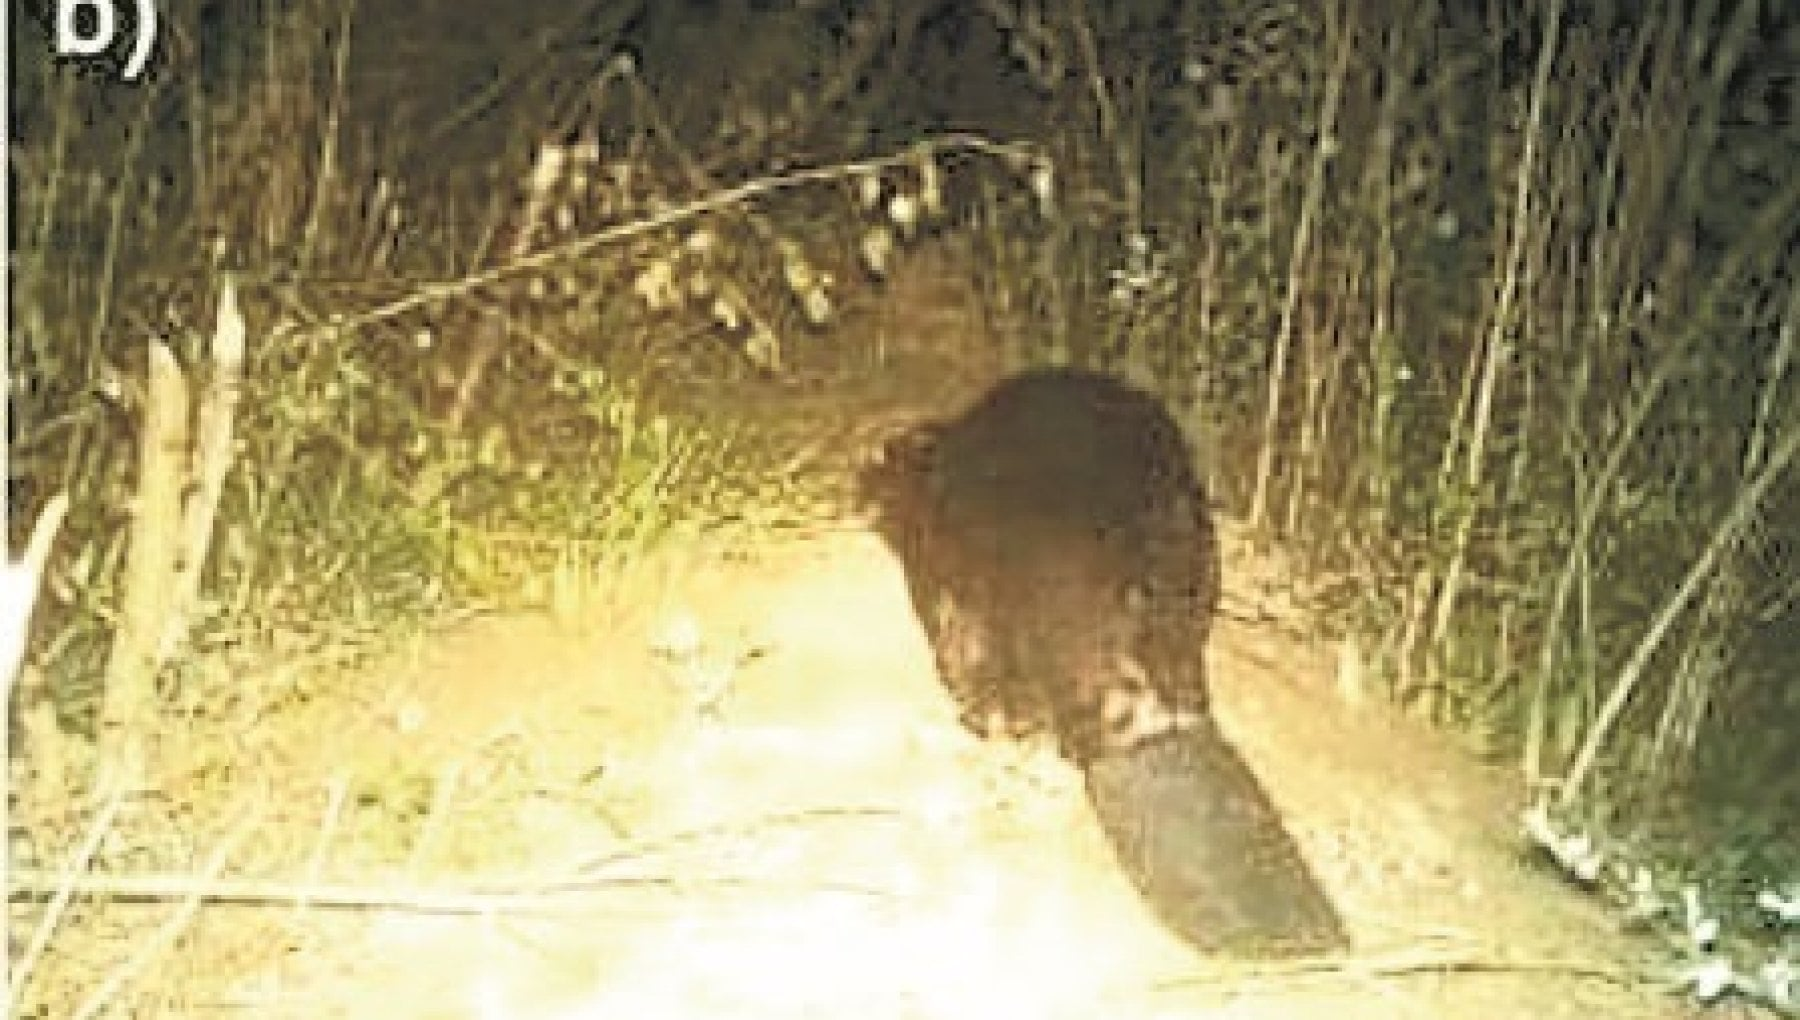 192439089 fbe969ad 2478 430d 98a4 35170754acb0 - Il castoro che ritorna nei boschi toscani dopo cinque secoli